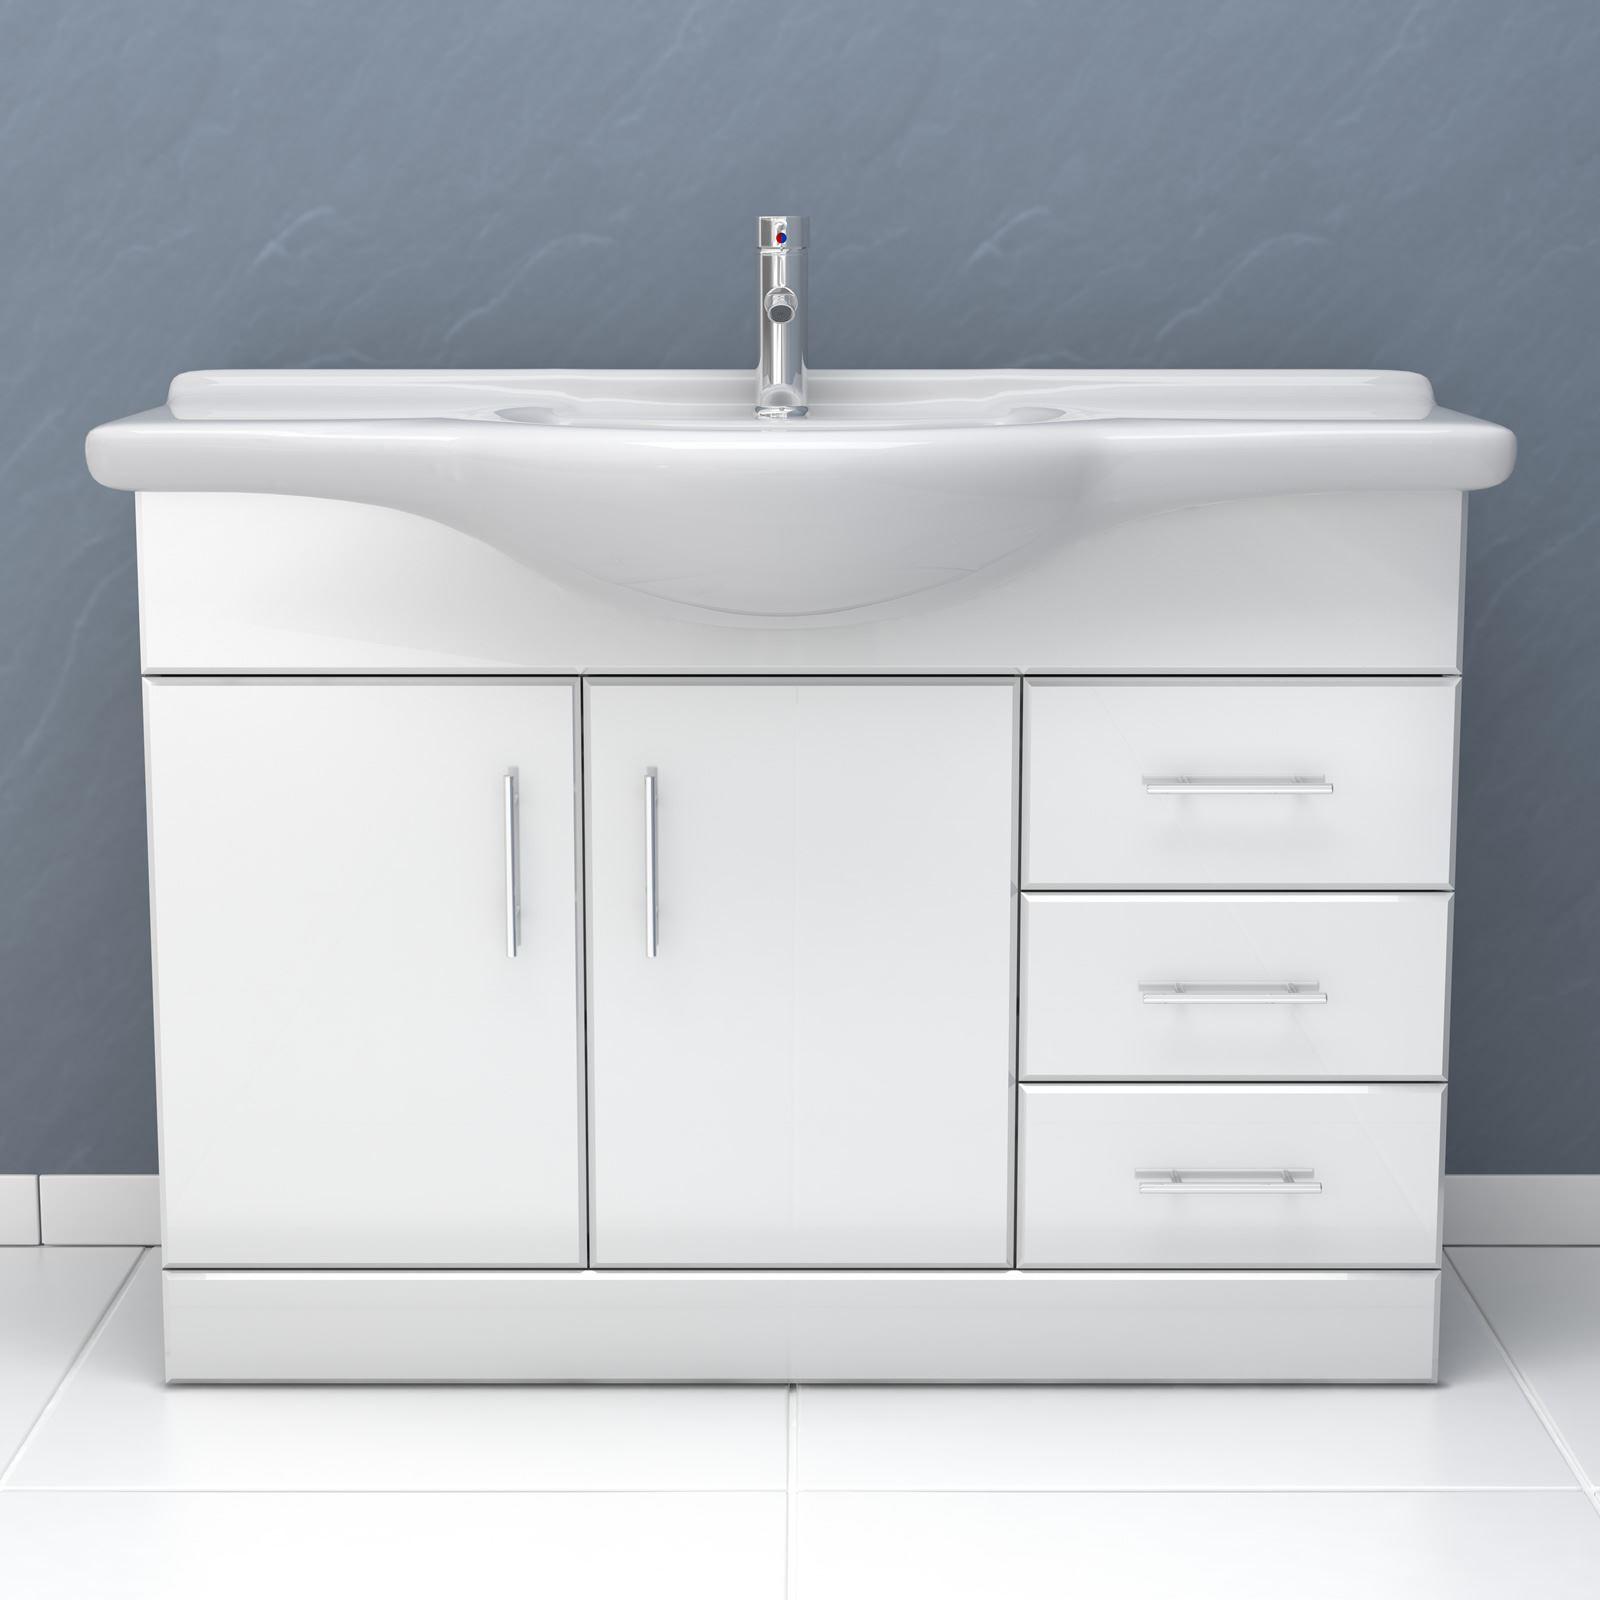 Excellent Vanity Bathroom Design Bathroom Bathroom Cabinets Bathroom Ideas